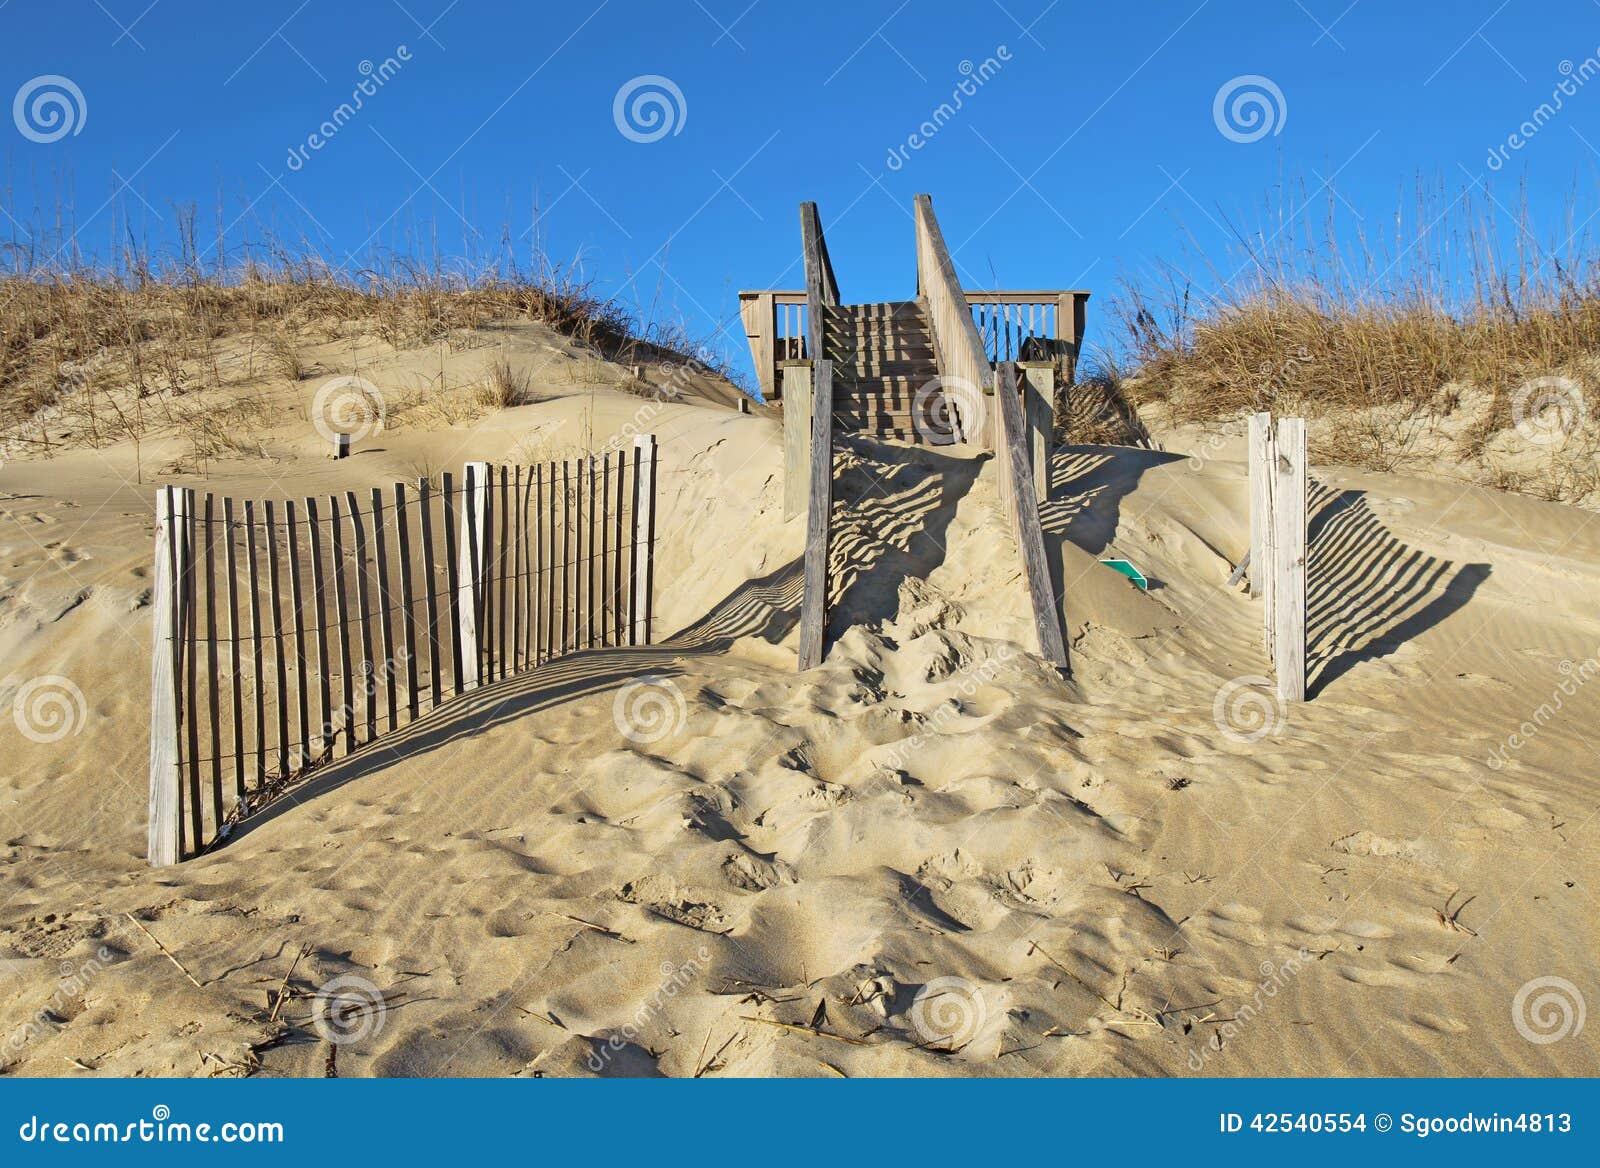 Sand-bedecktes Treppenhaus zu einem Strand im North Carolina;